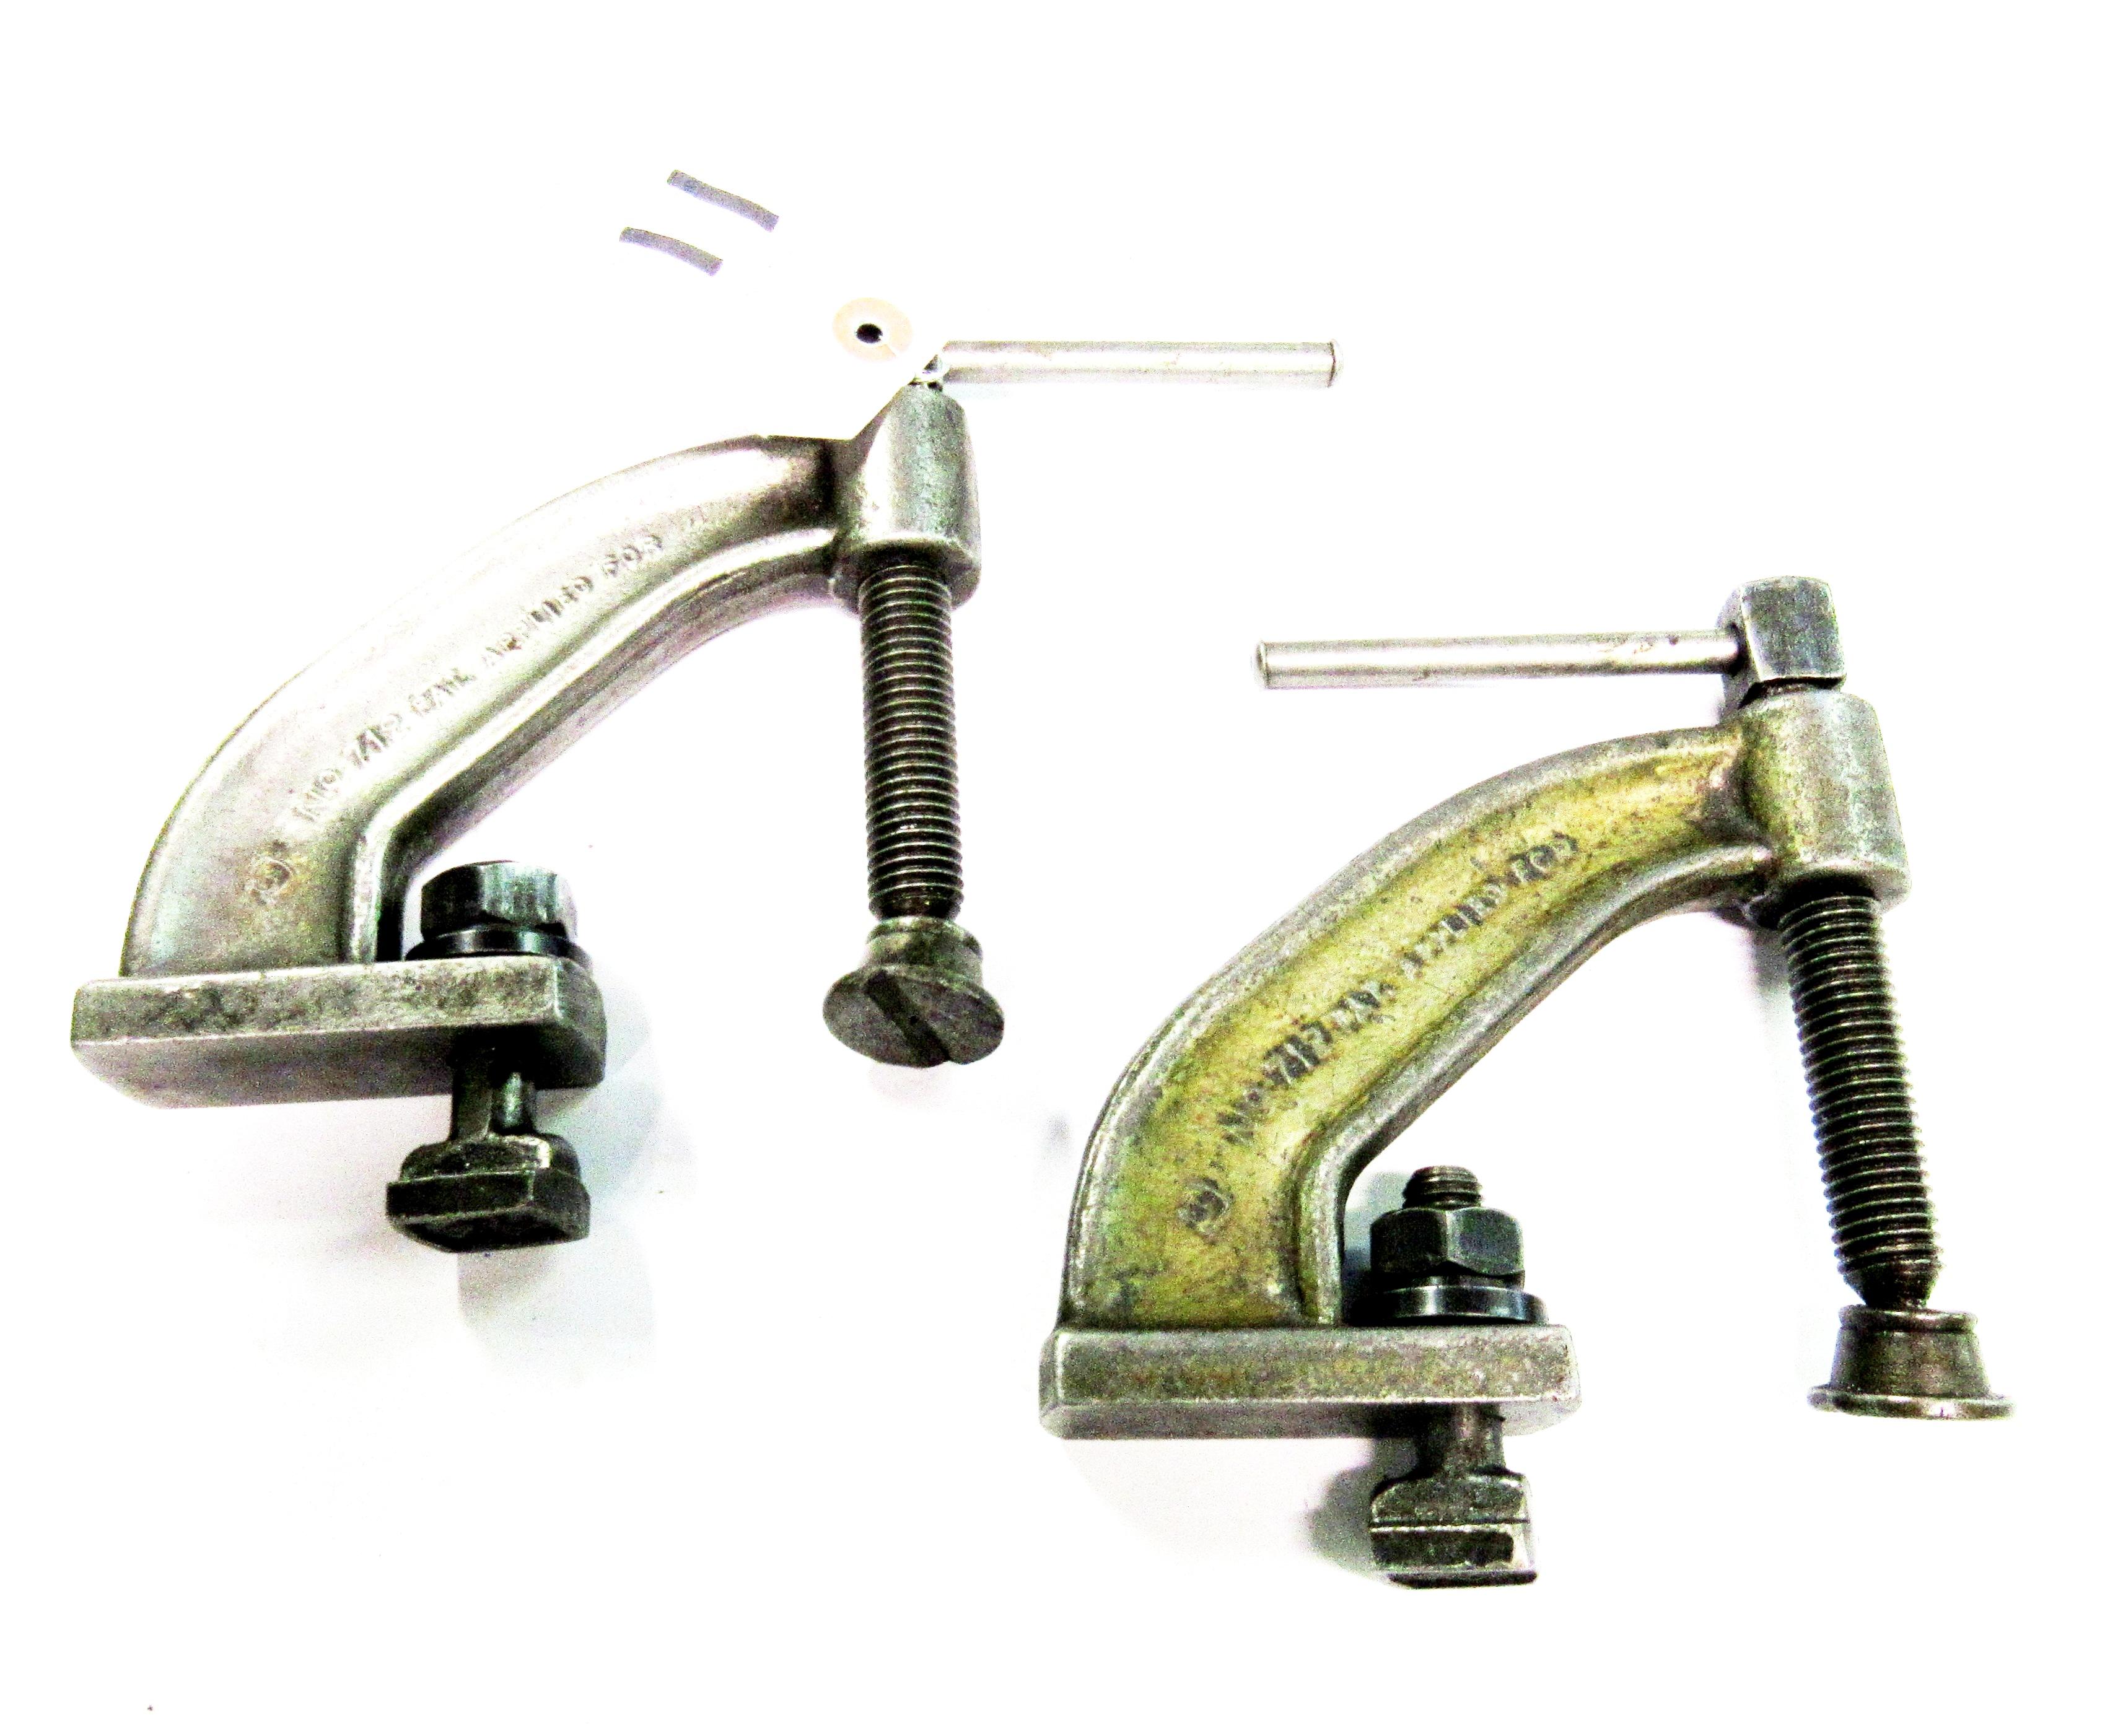 Cnc slot cutter